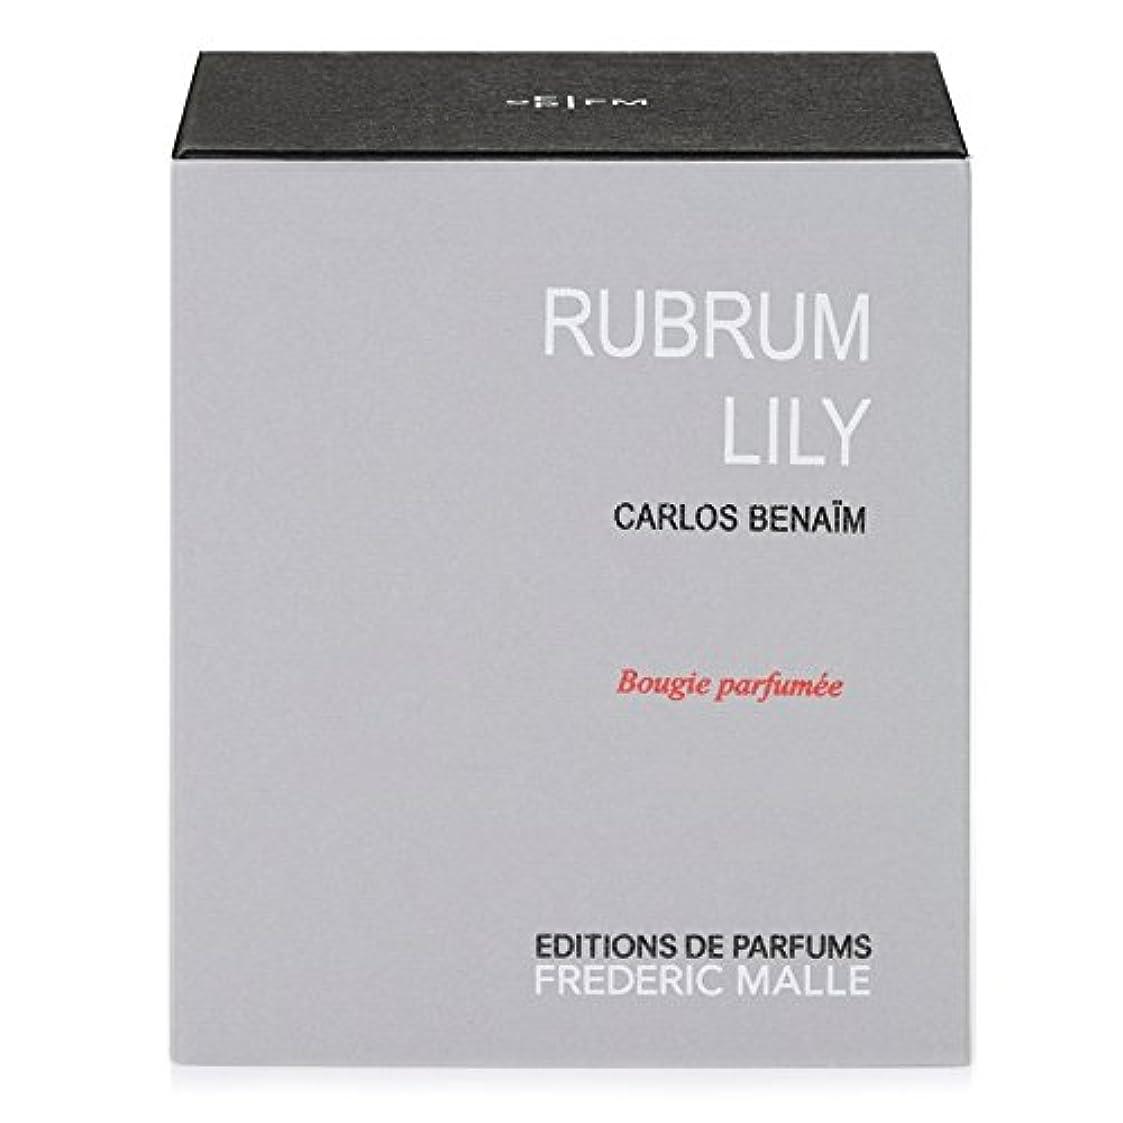 症候群ハーネスヒロインFrederic Malle Rubrum Lily Scented Candle (Pack of 4) - フレデリック?マルルブルムユリの香りのキャンドル x4 [並行輸入品]